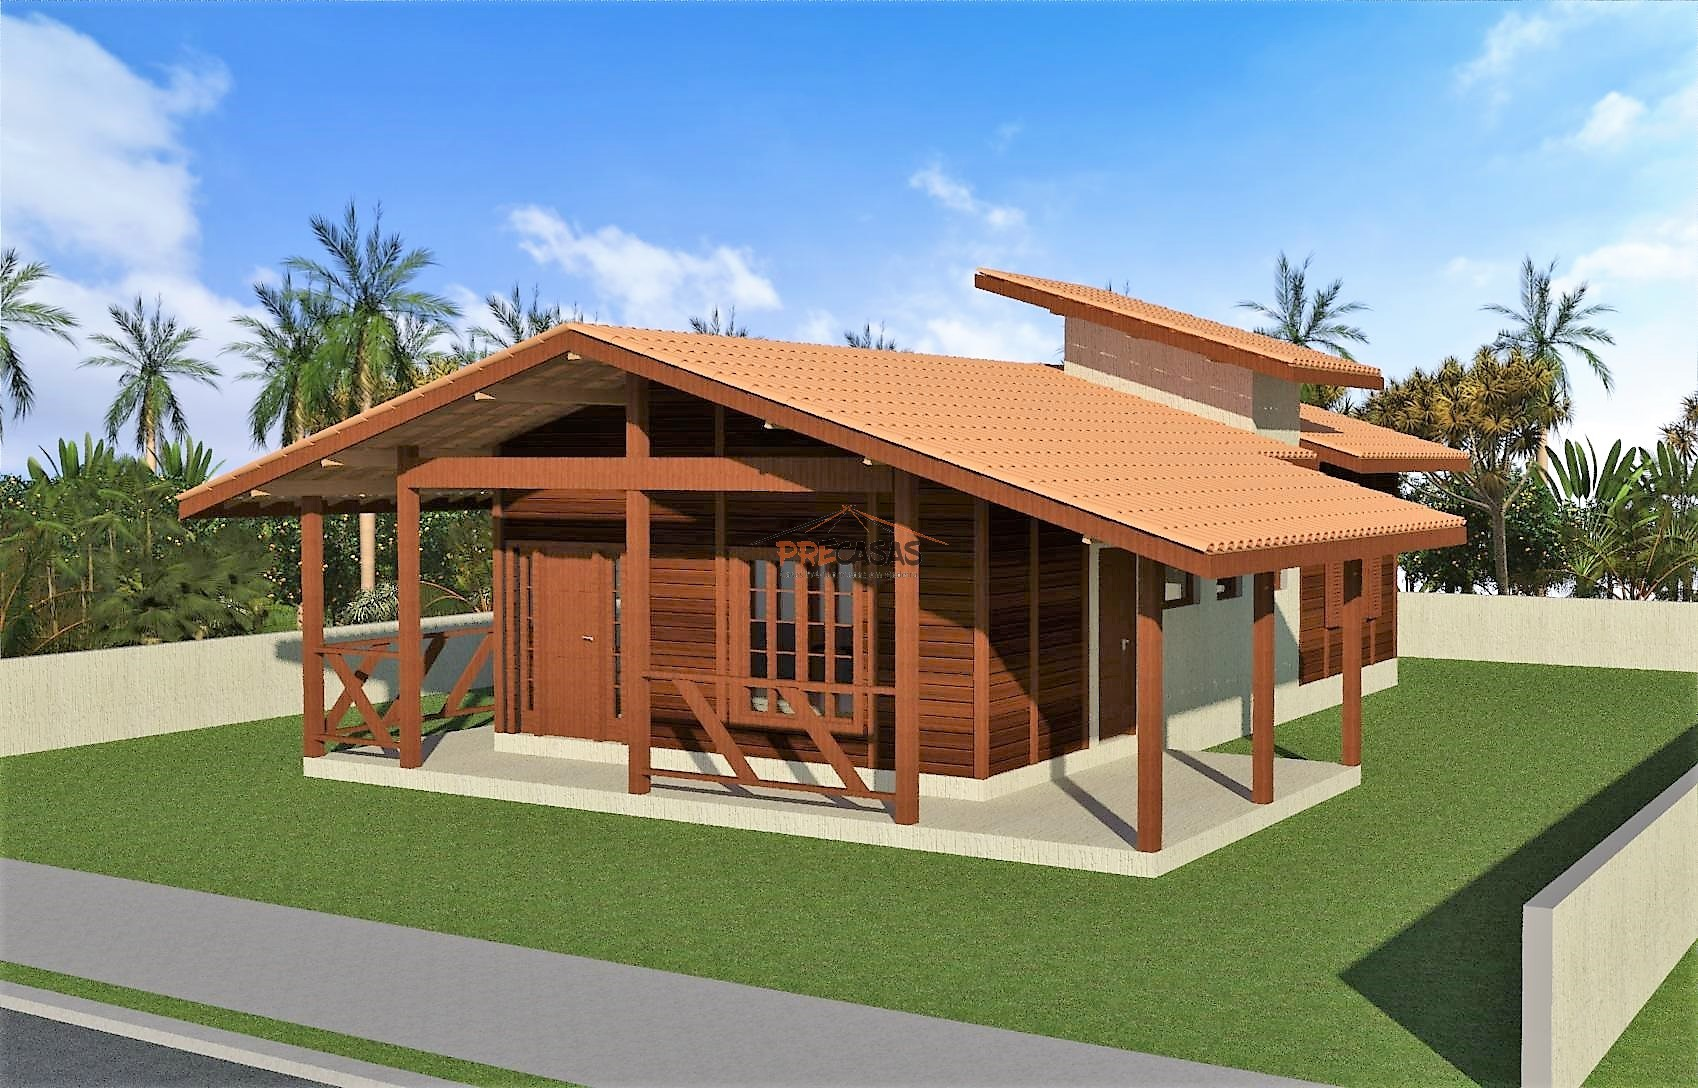 Casa de Madeira - Alegre-ES - 105,00 m²